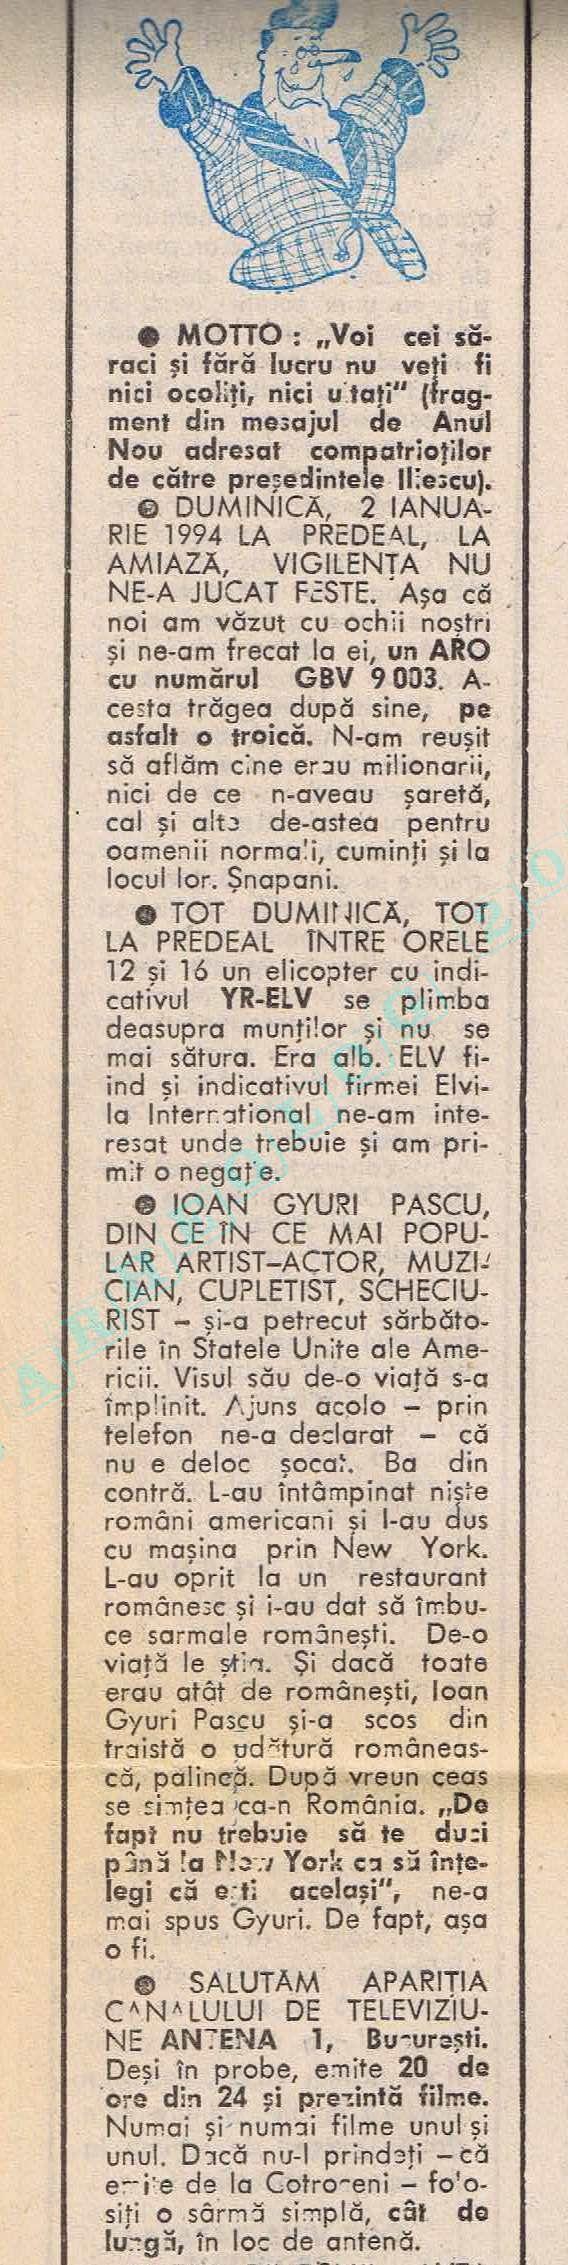 01-04 Ora Antena 1